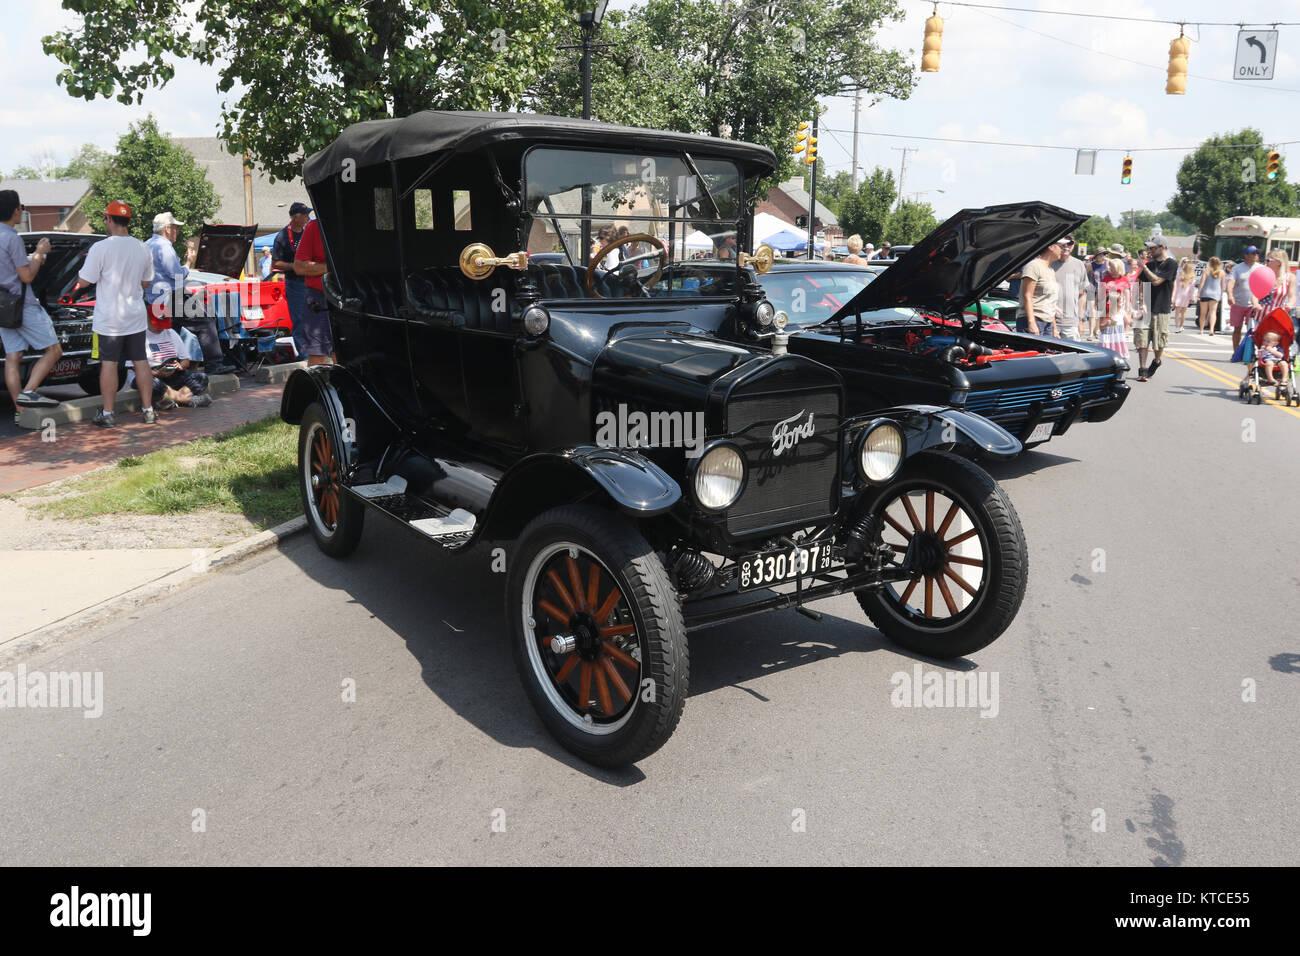 1920 39 s car city stock photos 1920 39 s car city stock for Mercedes benz of centerville washington township oh